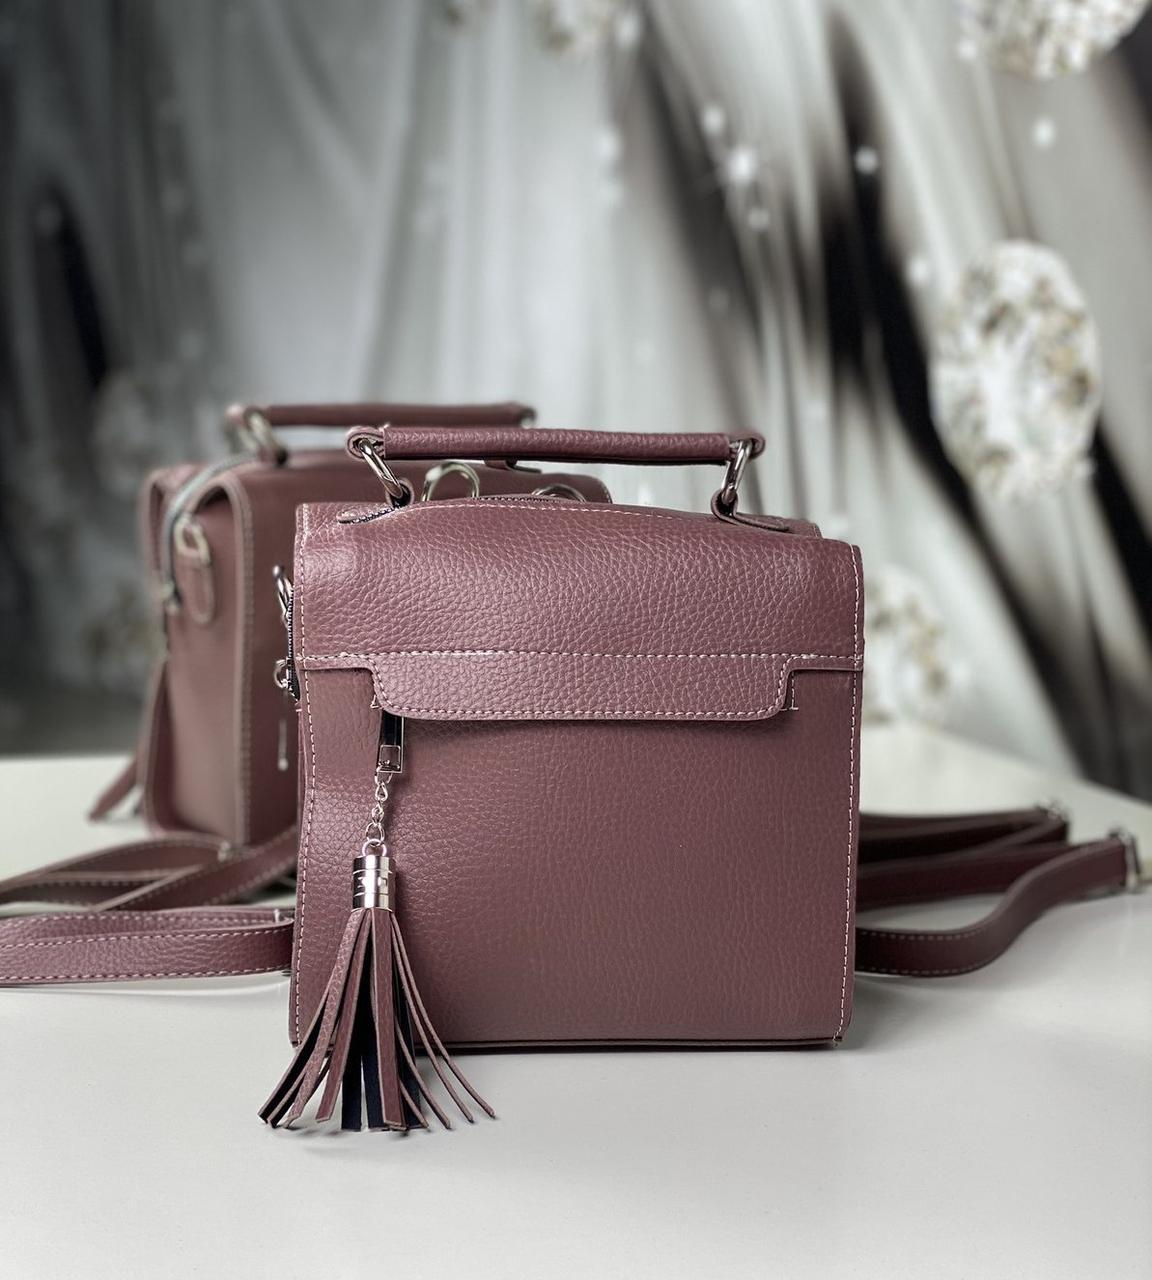 Рюкзачок маленький женский стильный сумка-рюкзак сумочка через плечо кроссбоди темная пудра кожзам